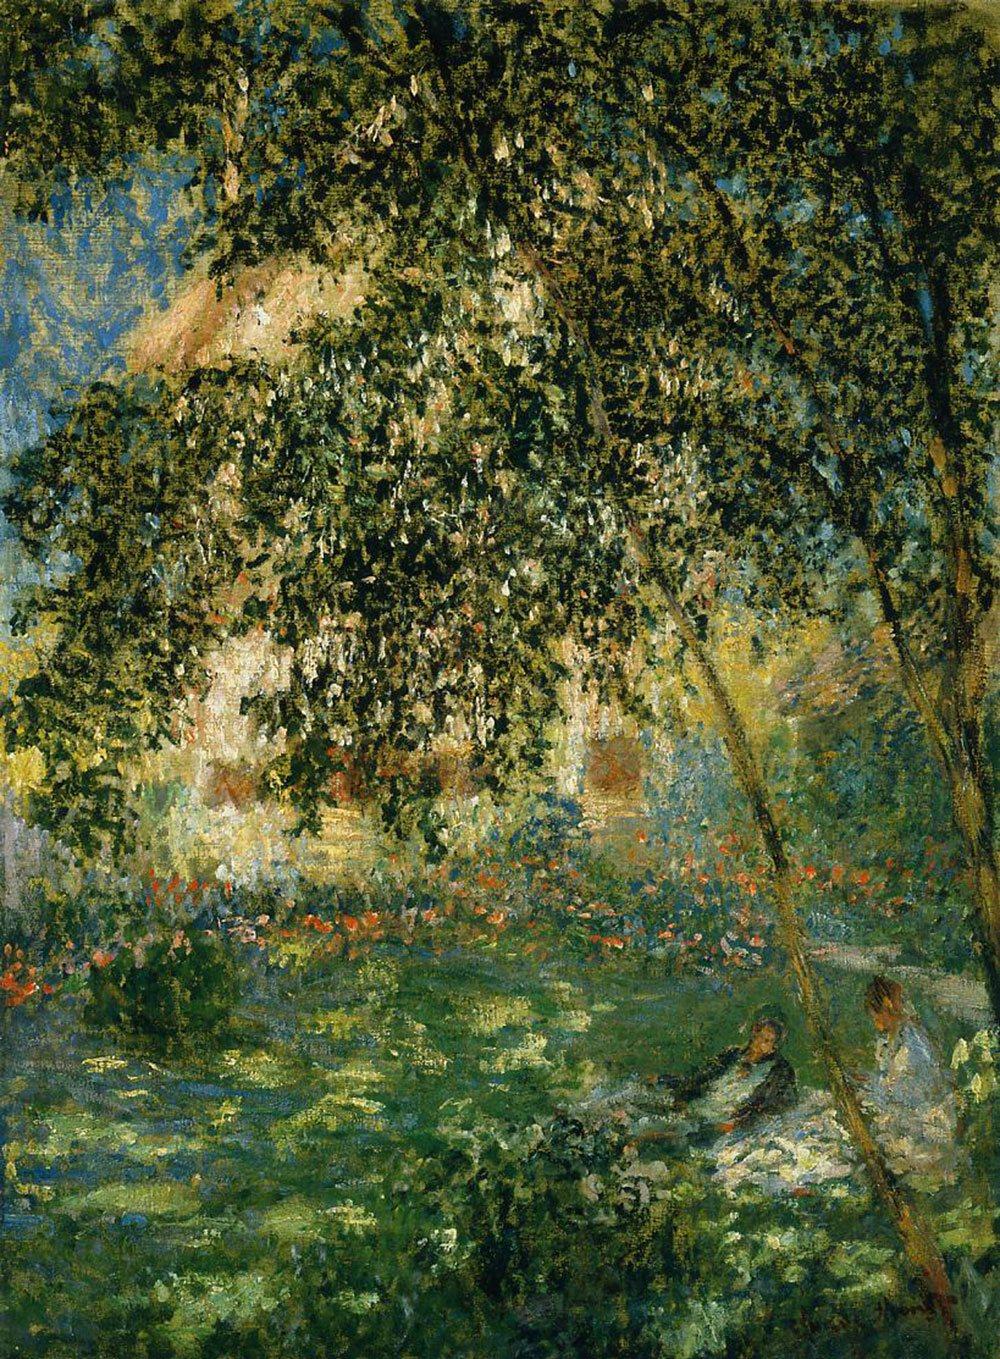 пейзаж < Отдых в саду >:: Клод Моне, описание картины - Claude Monet фото